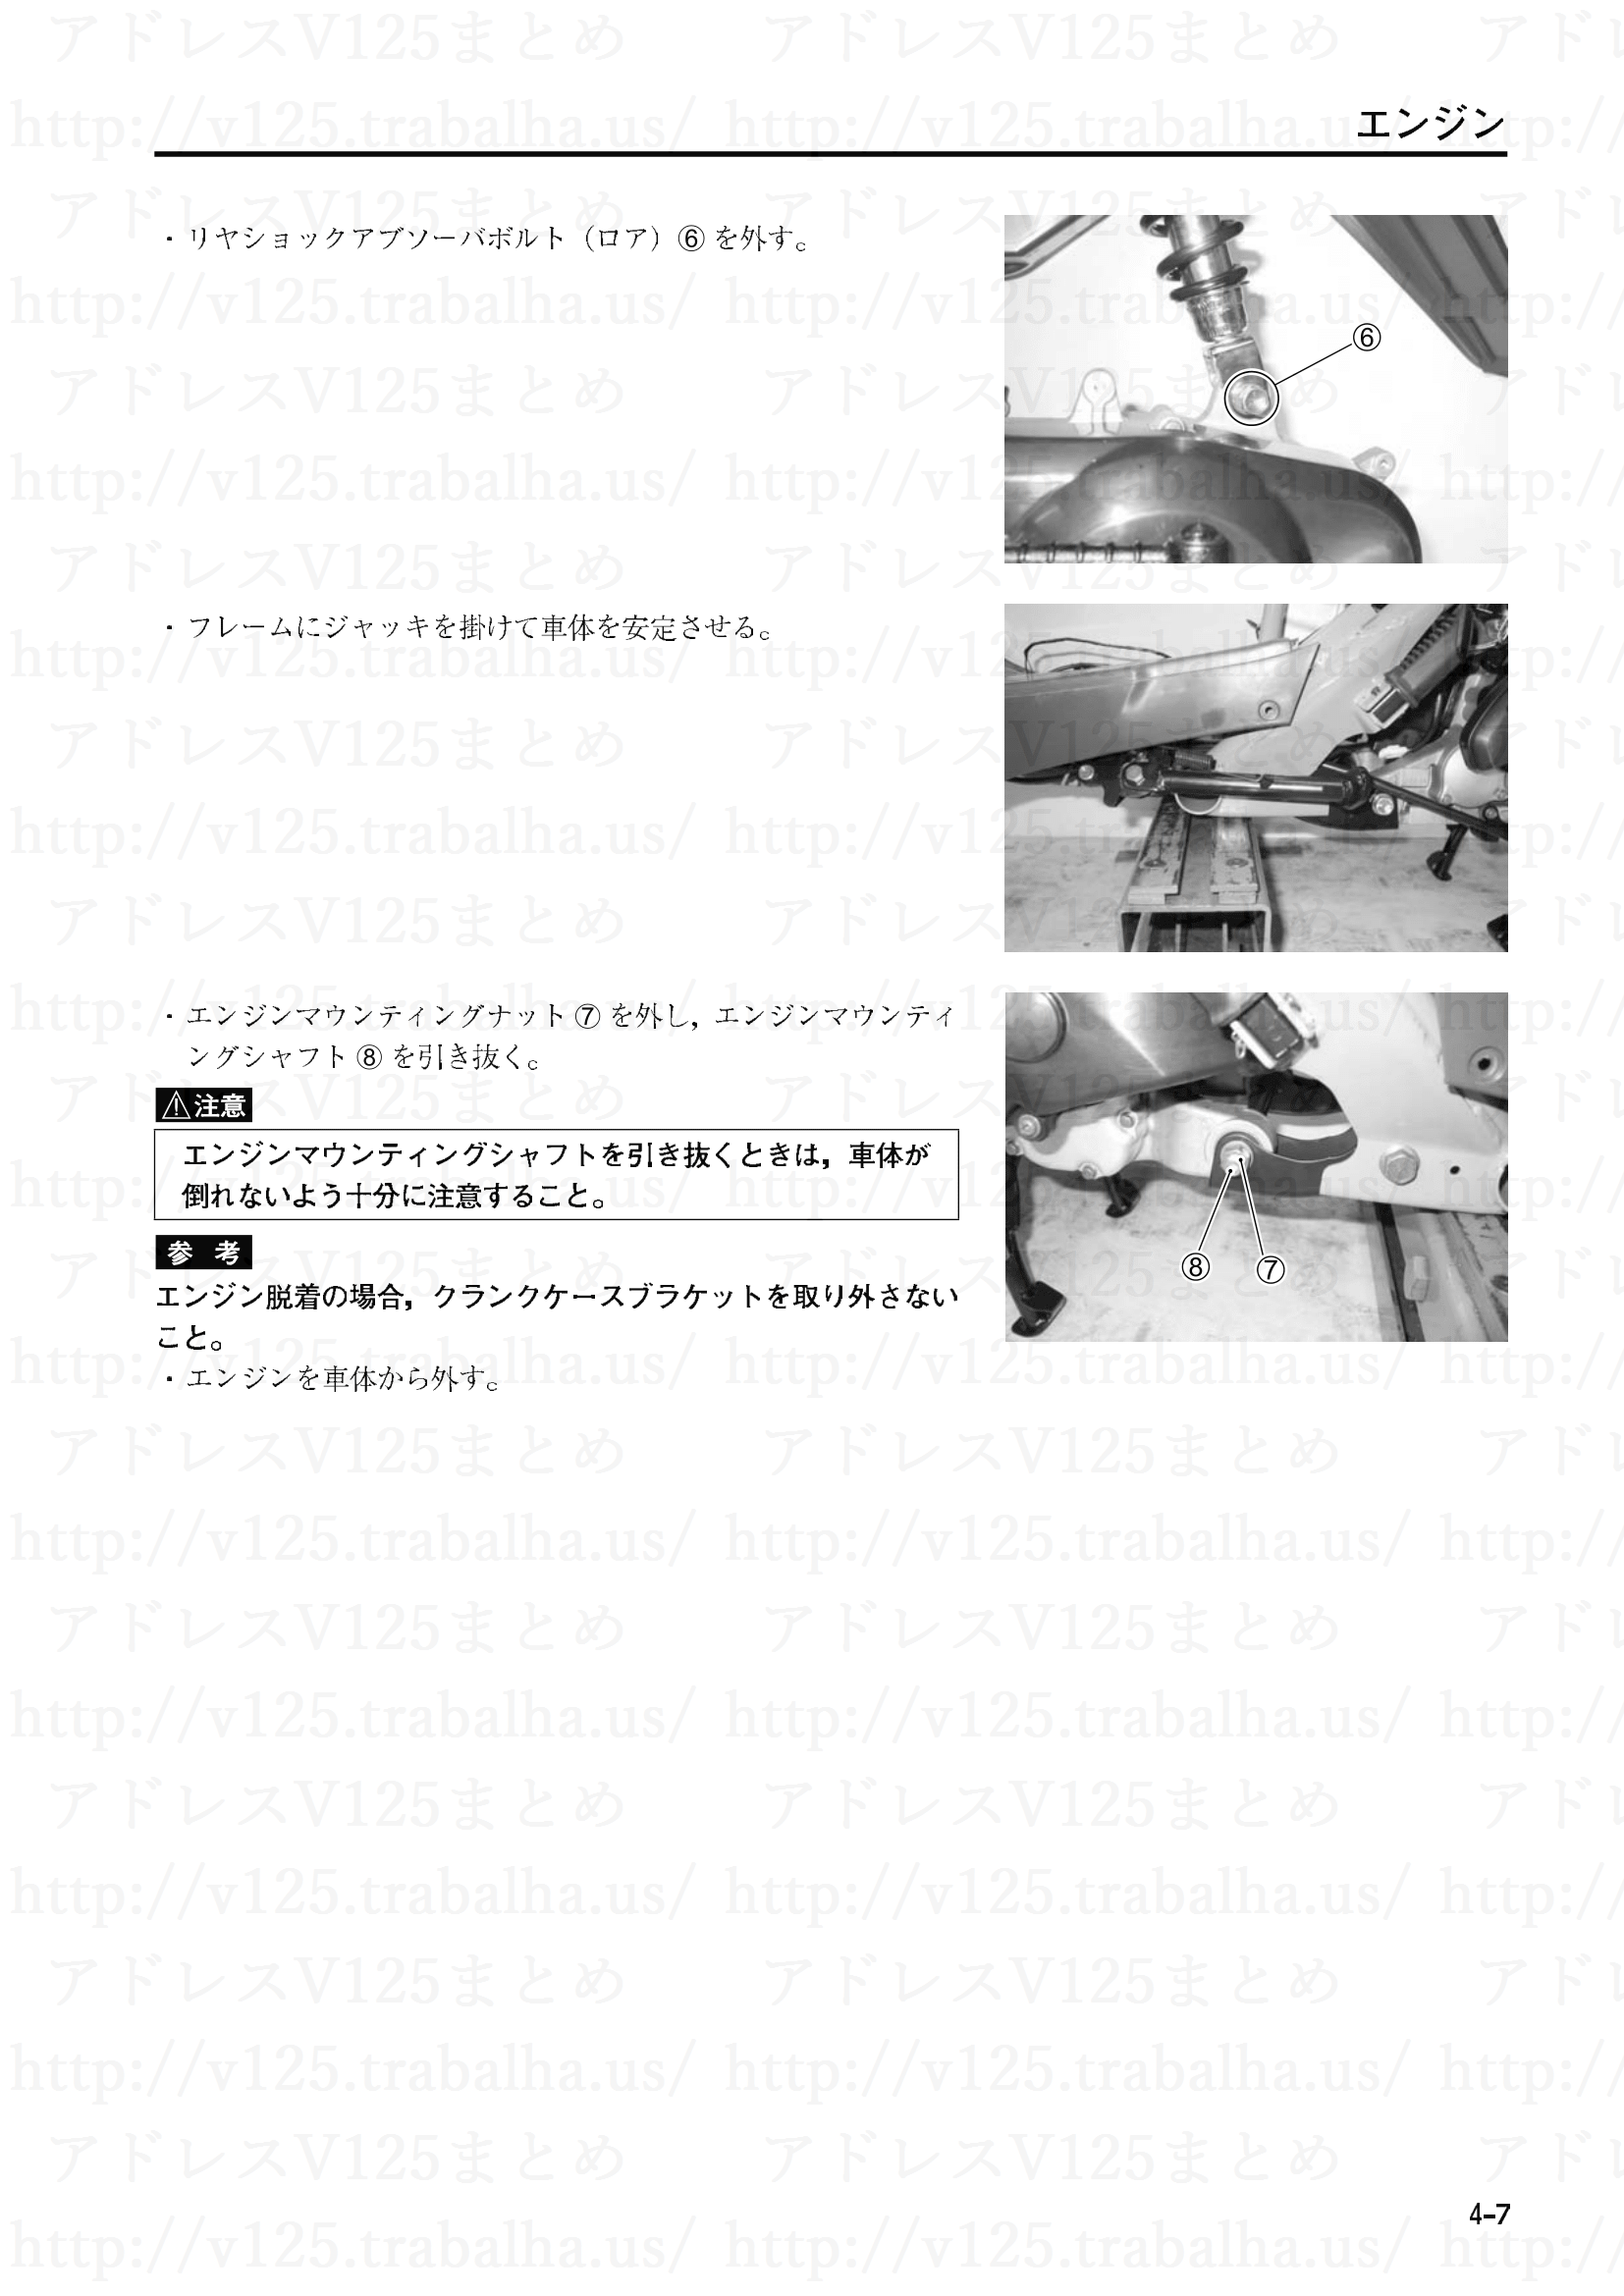 4-7【エンジン】エンジンアッシの脱着4